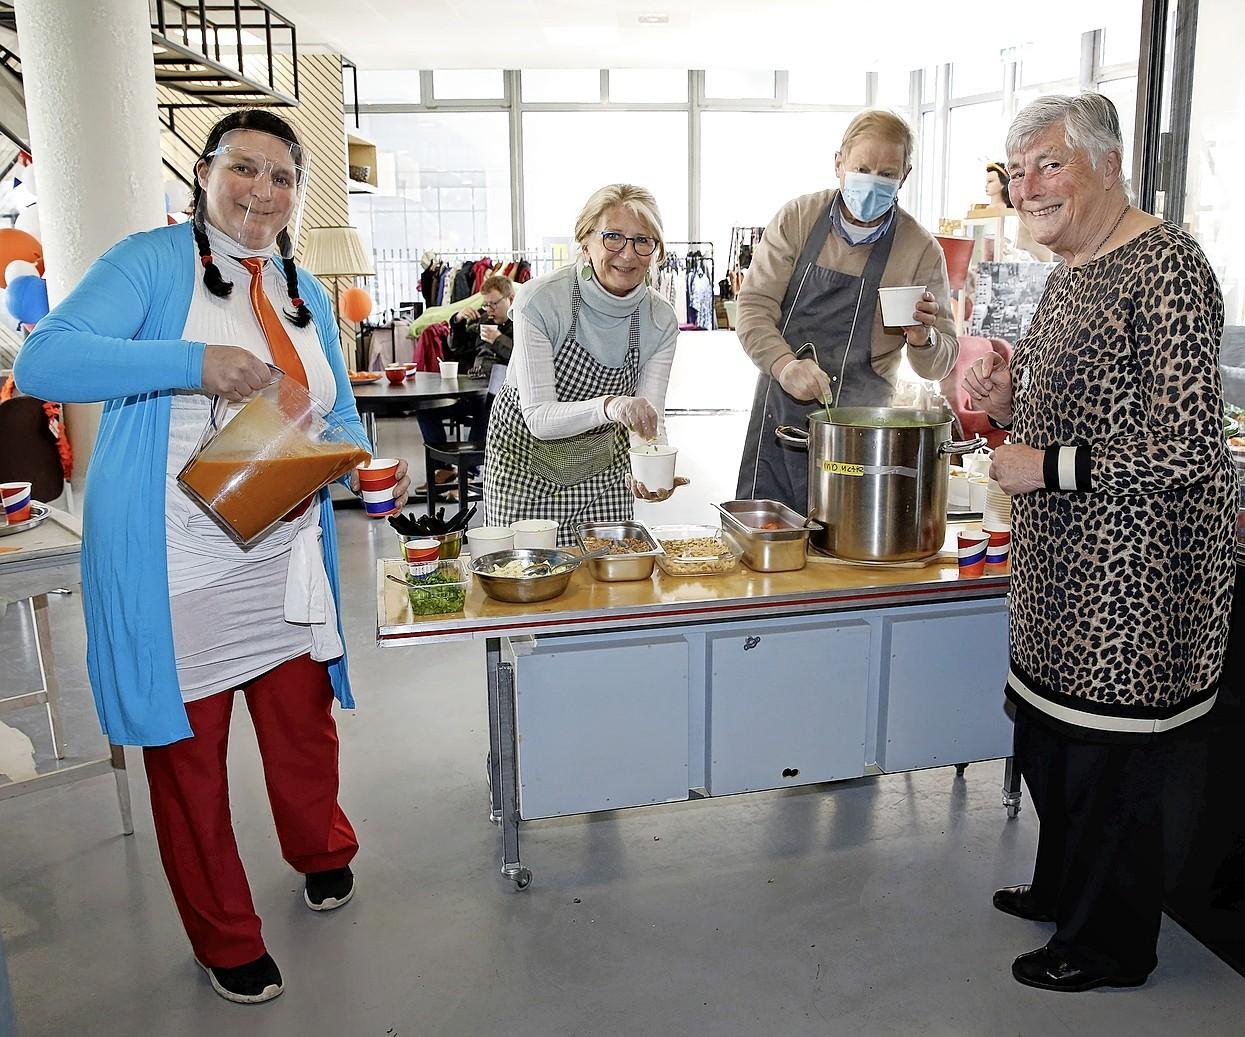 Vrijheidssoep bij Tante Jans: 'Vrijheid is belangrijk en zeker niet vanzelfsprekend'